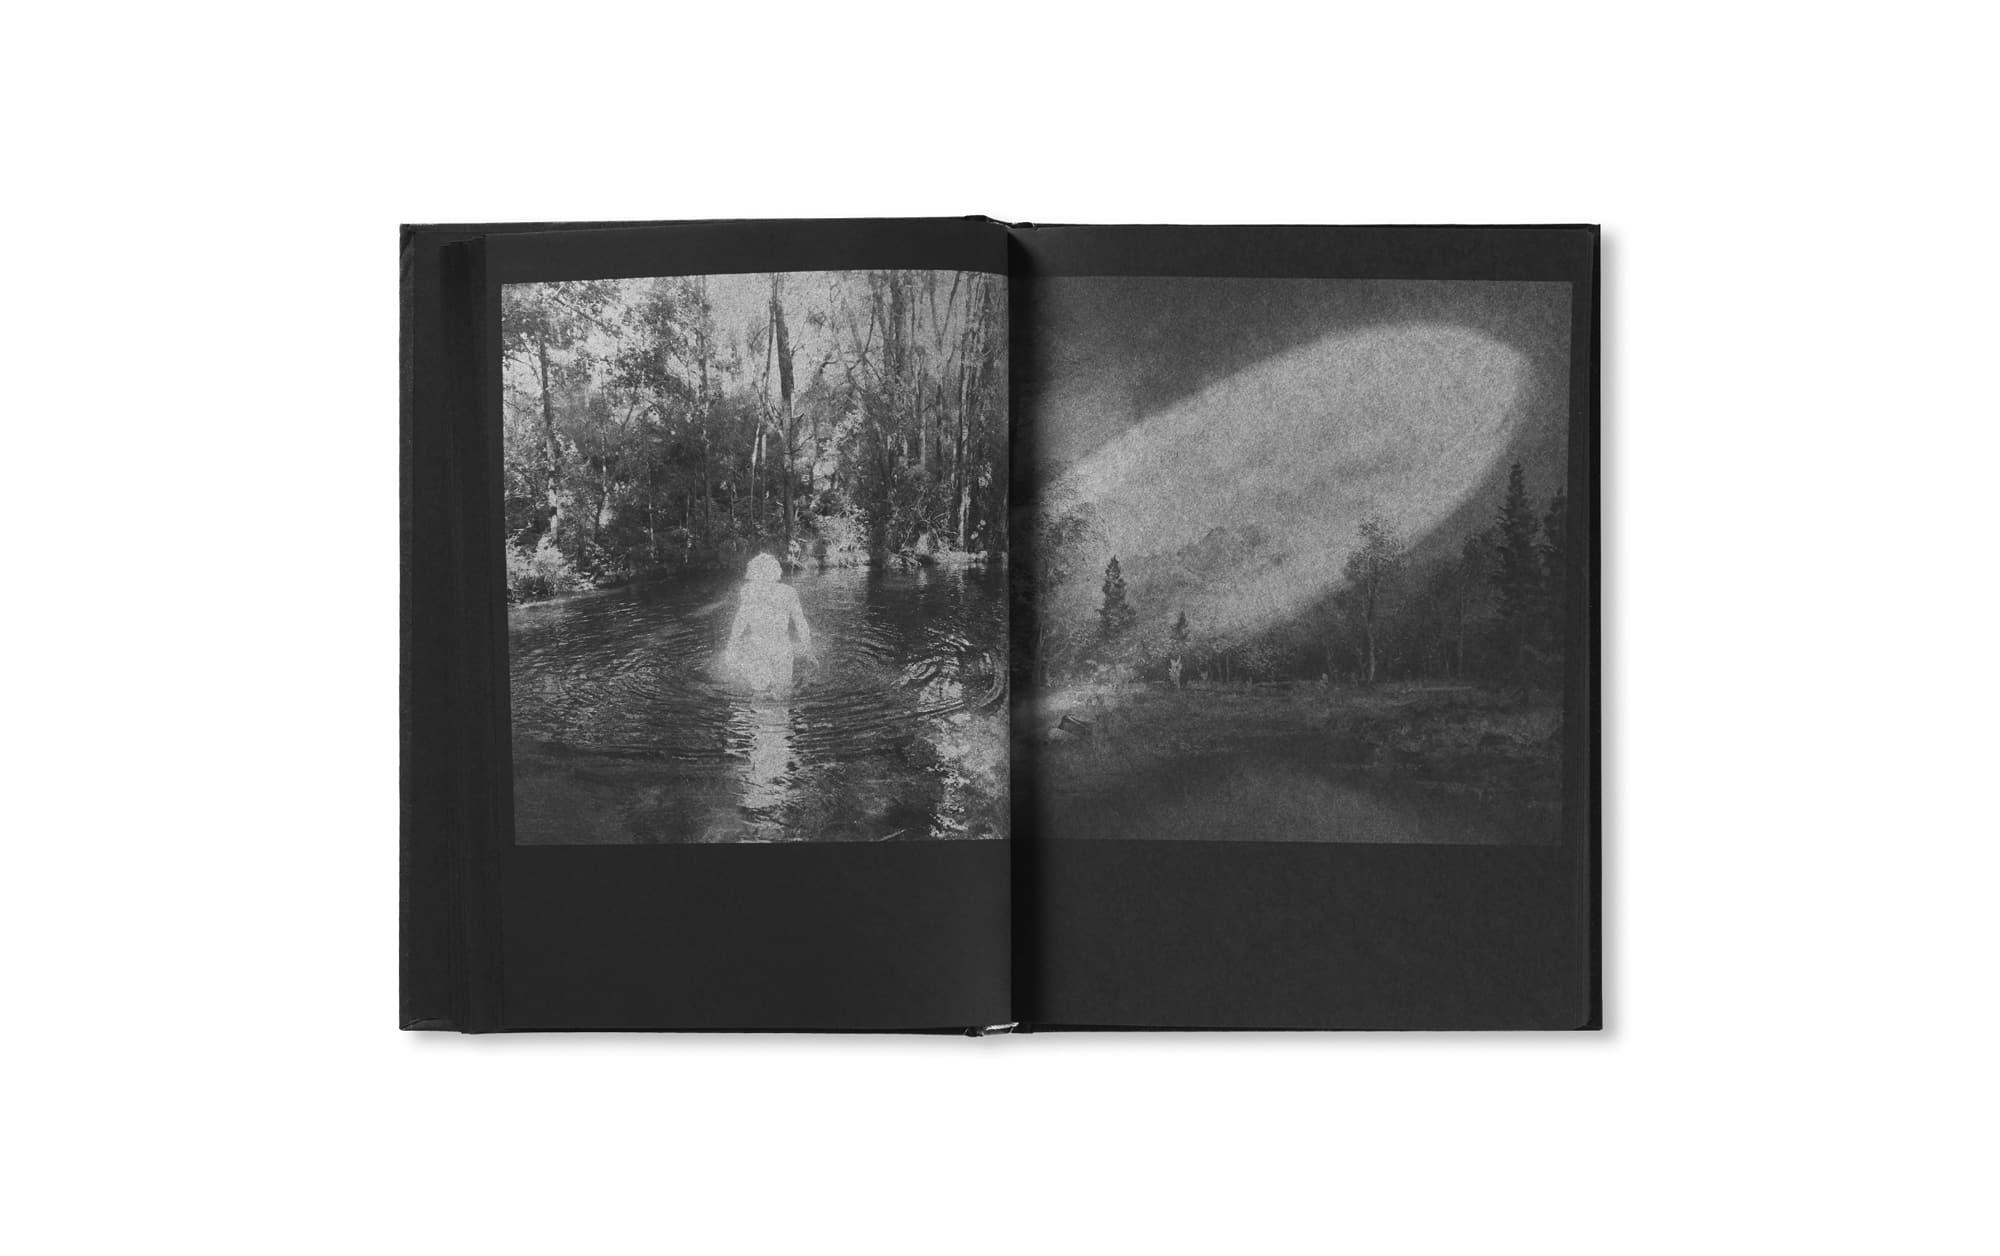 ブックレヴュー『Astres Noirs』カトリン・コーニング&サルカー・プロティック | Astres Noirs